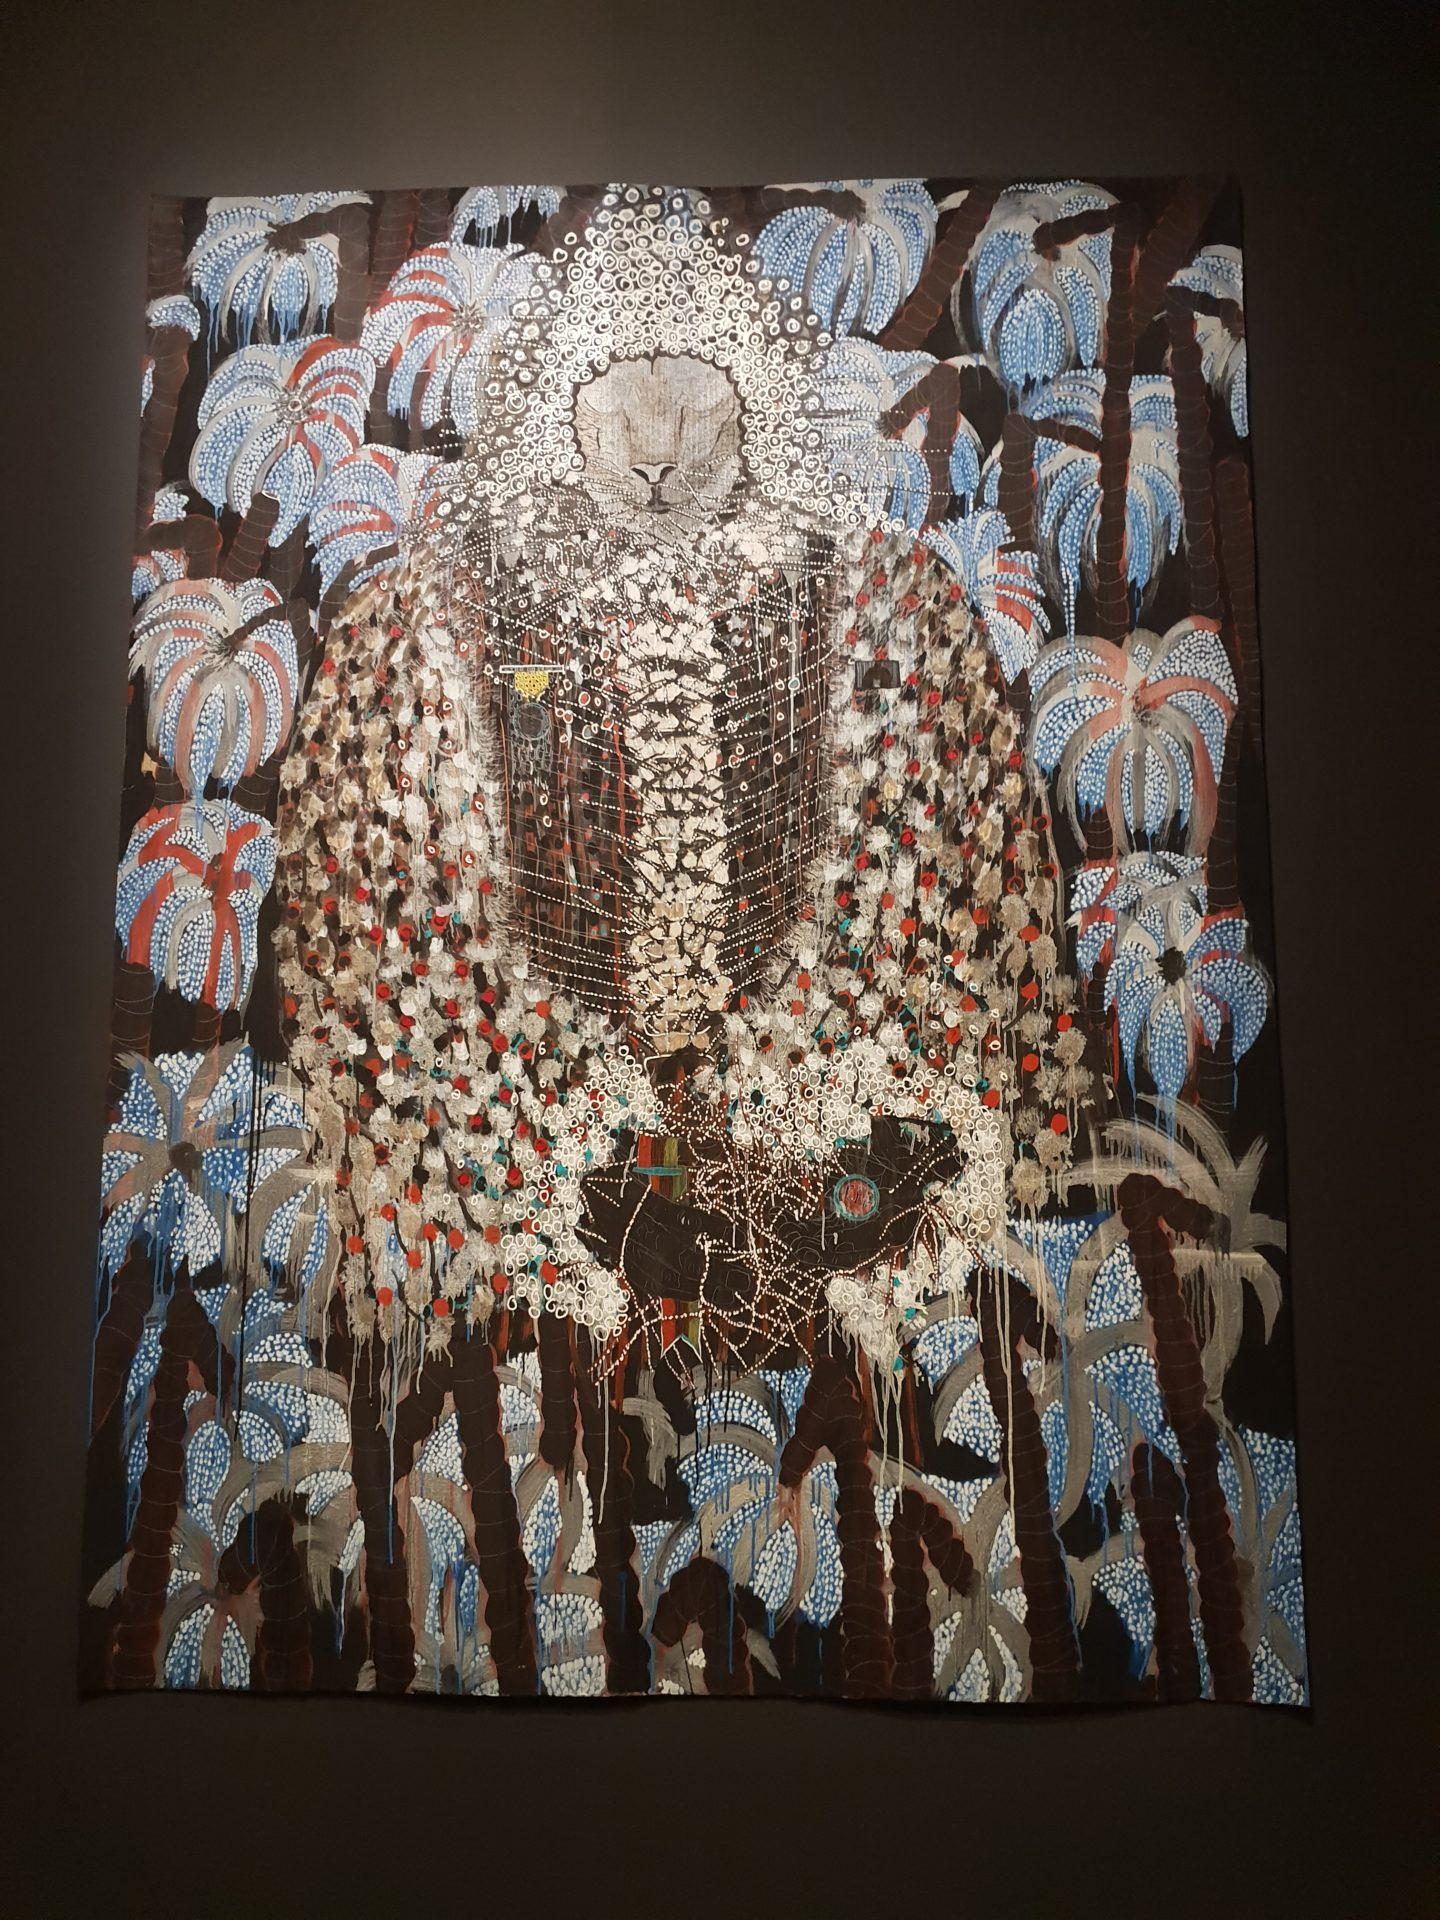 圖7 Omar Bar〈非洲、掠奪、樹、資源〉以人身上的枝葉花朵作為象徵,暗喻後殖民非洲與西方強權間的經濟依賴及資源掠奪關係 (攝影者/陳佳利)